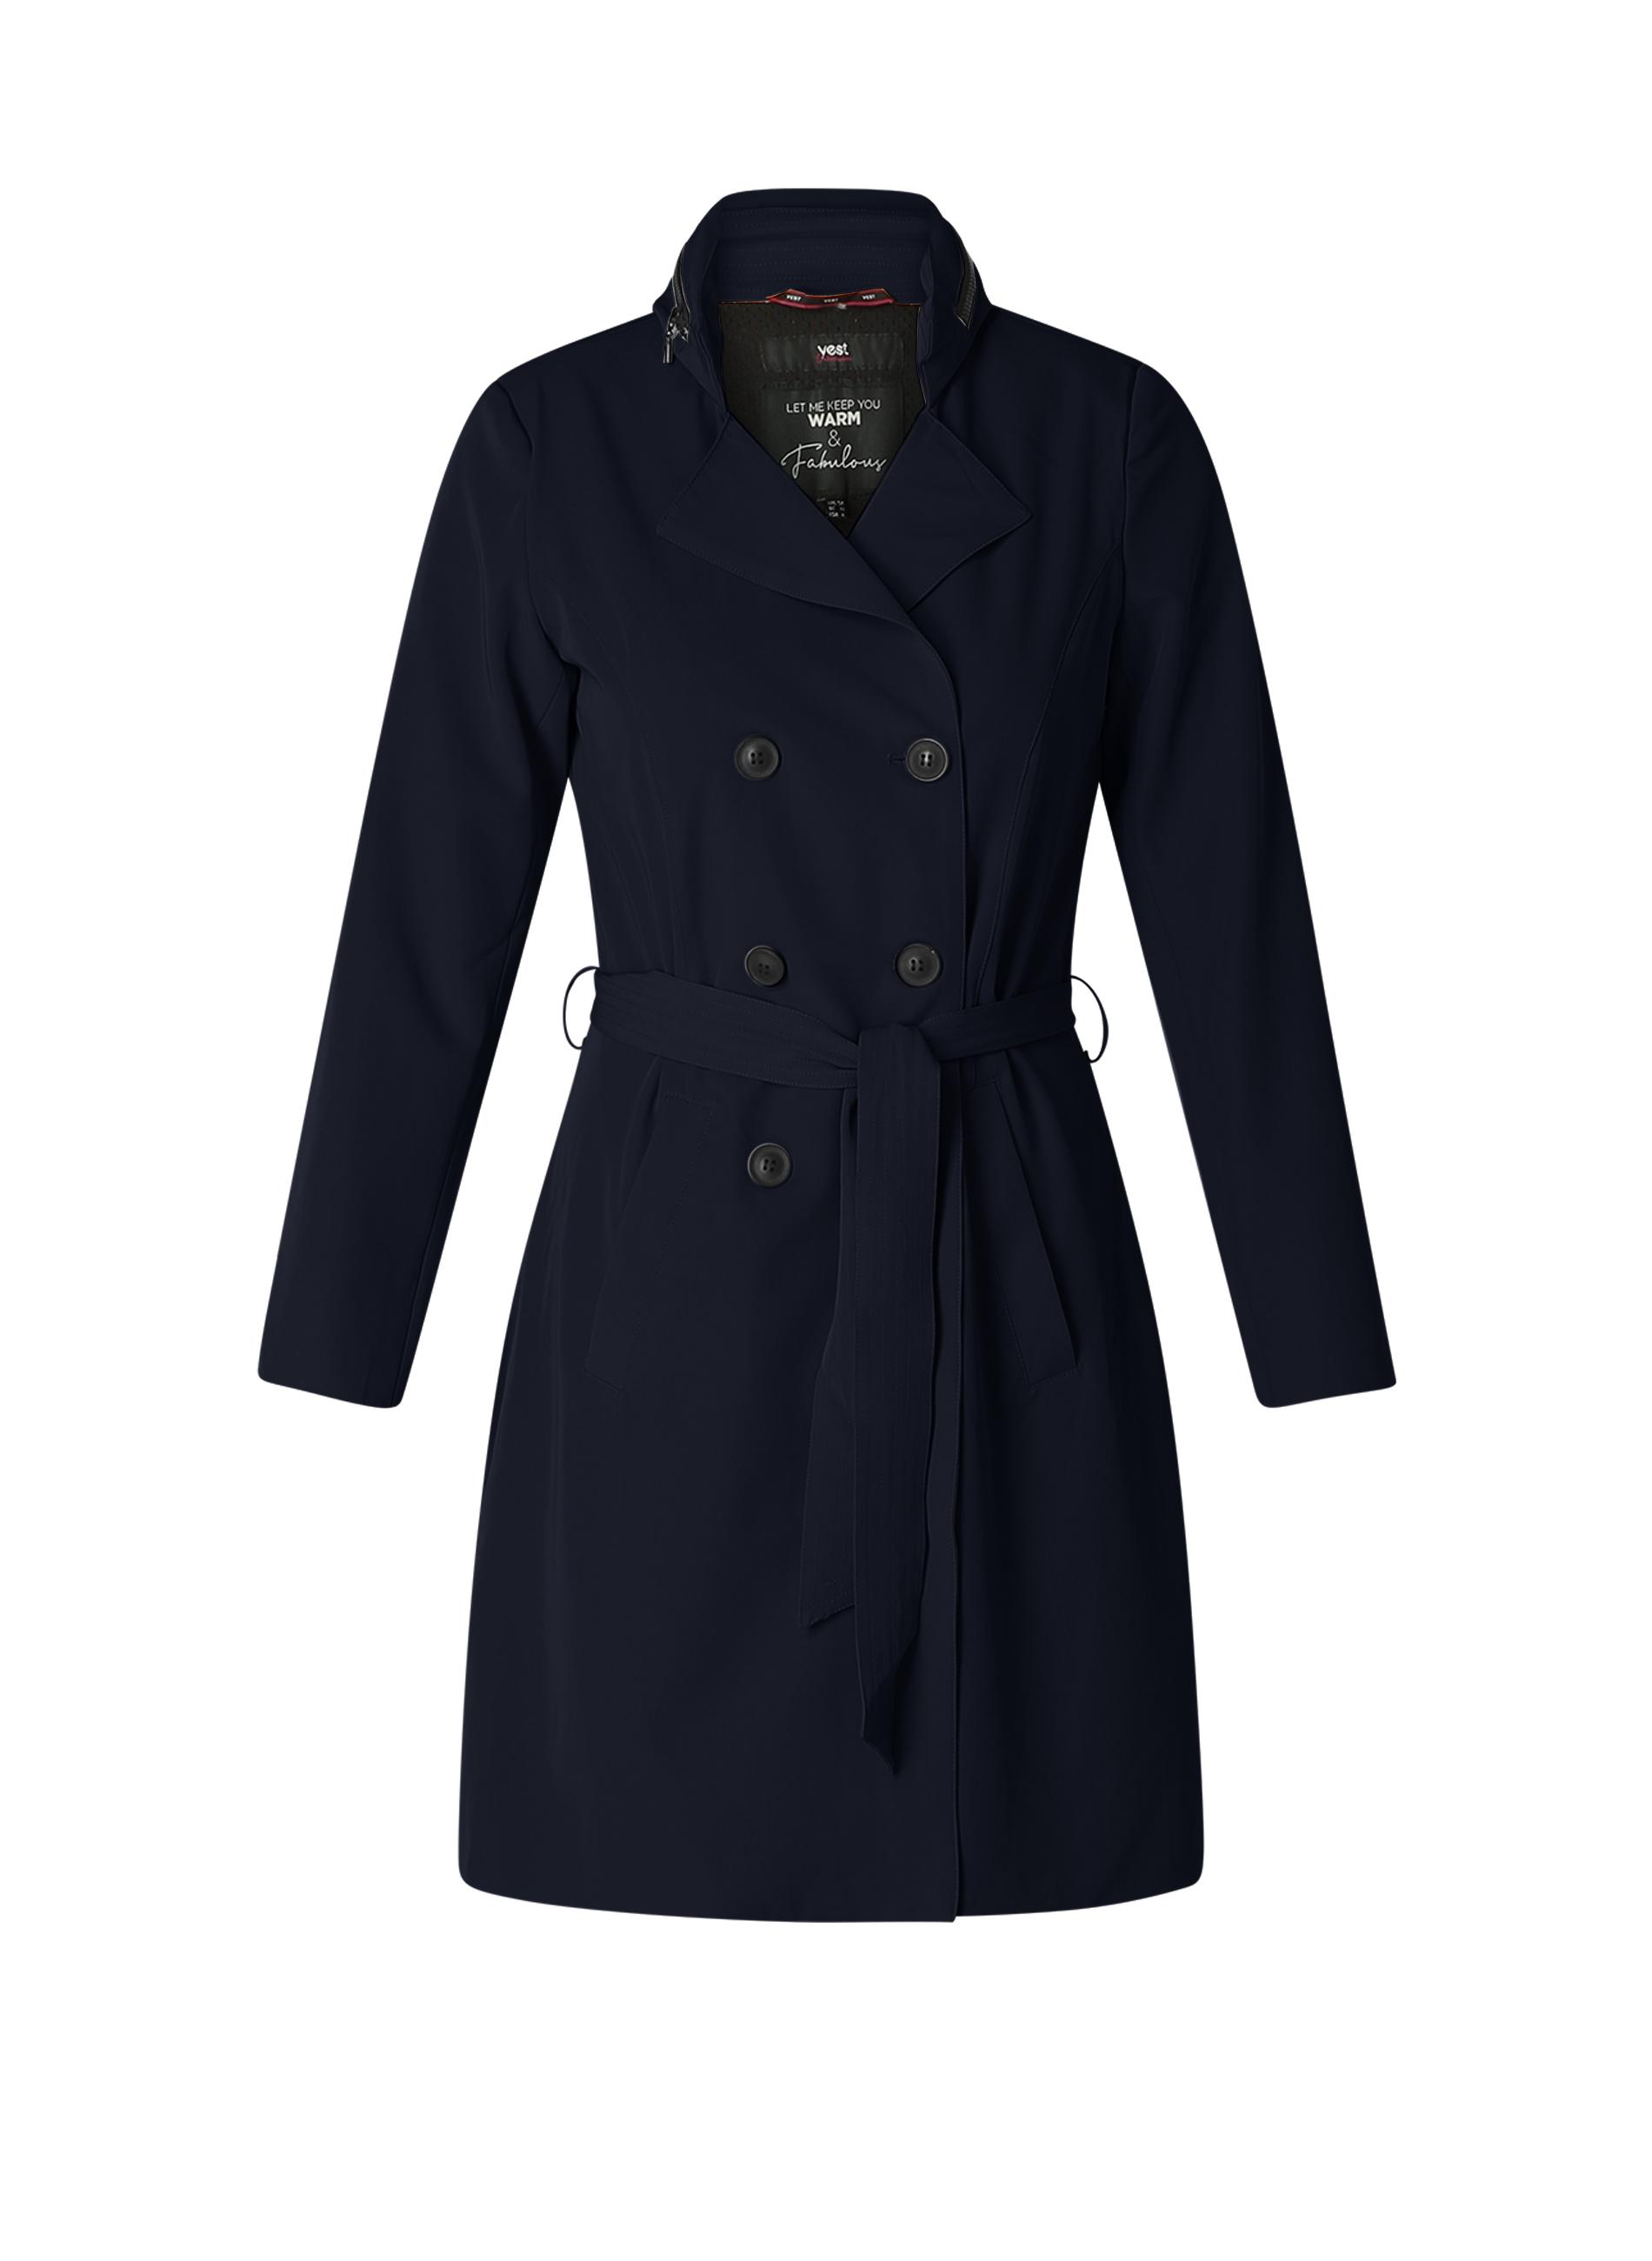 Jacket Summer Outerwear Yesta 95 cm